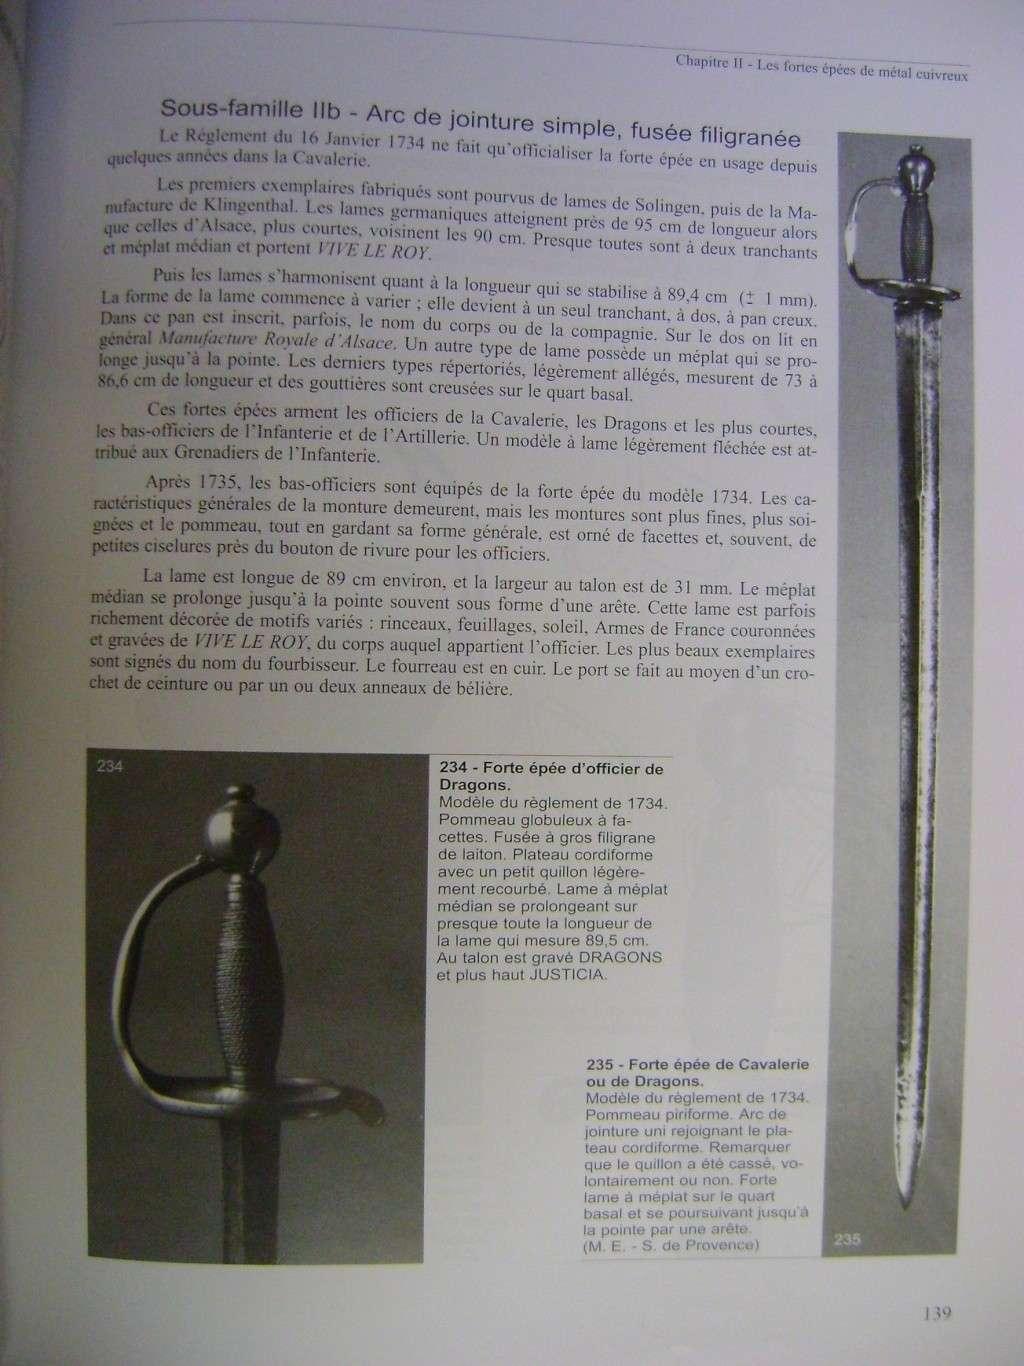 identification sur une forte épée de cavalerie Dsc08521